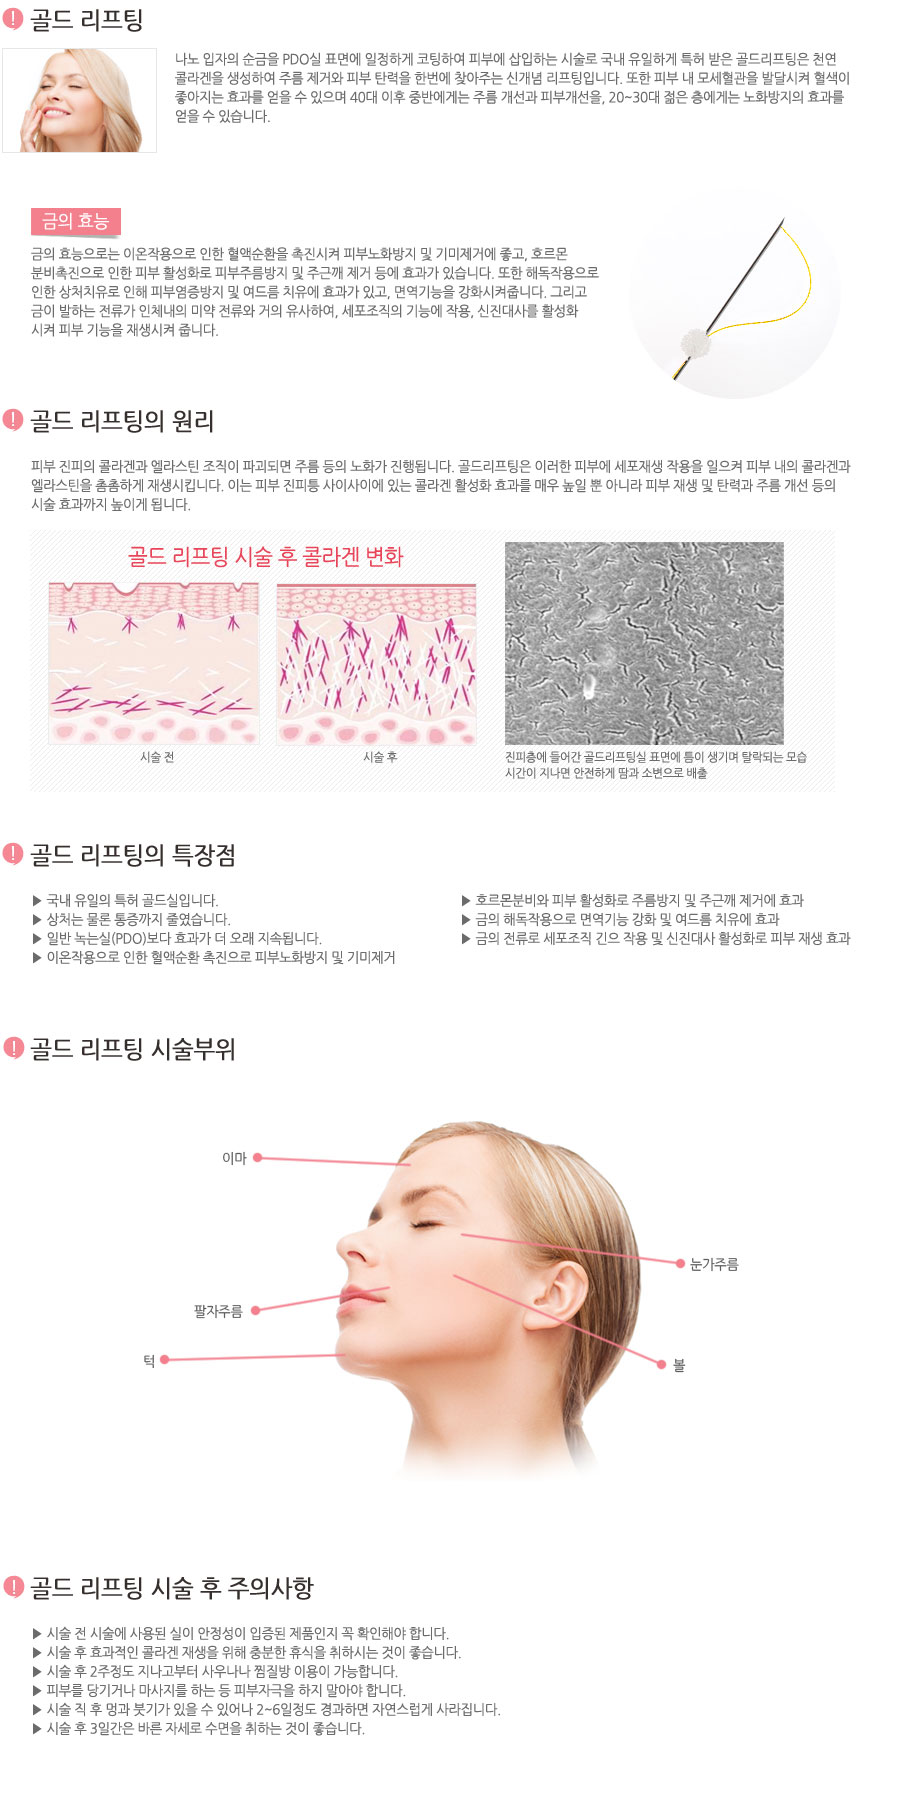 금실을 피부에 삽입하는 시술로 천연 콜라겐이 생성되어 주름 제거는 물론 피부의 탄력을 찾아주는 신개념 리프팅입니다. 금실 리프팅은 금사를 피부에 삽입하여 인체내의 이물 반응을 유도해 천연 콜라겐과 피부 내 모세혈관 생성 및 발달로 피부 혈행을 개선시켜줍니다. 이렇게 생성된 콜라겐은 인위적으로 주입한 것이 아닌, 피부 내에서 스스로 자생된 것이기 때문에 그 효과가 자연스러우며 지속시간 또한 길다는 장점이 있습니다. 또한 피부 내 모세혈관을 발달시켜 혈색이 좋아지는 효과를 얻을 수 있으며 40대 이후 중반에게는 주름 개선과 피부개선을, 20~30대 젊은 층에게는 노화방지의 효과를 얻을 수 있습니다.